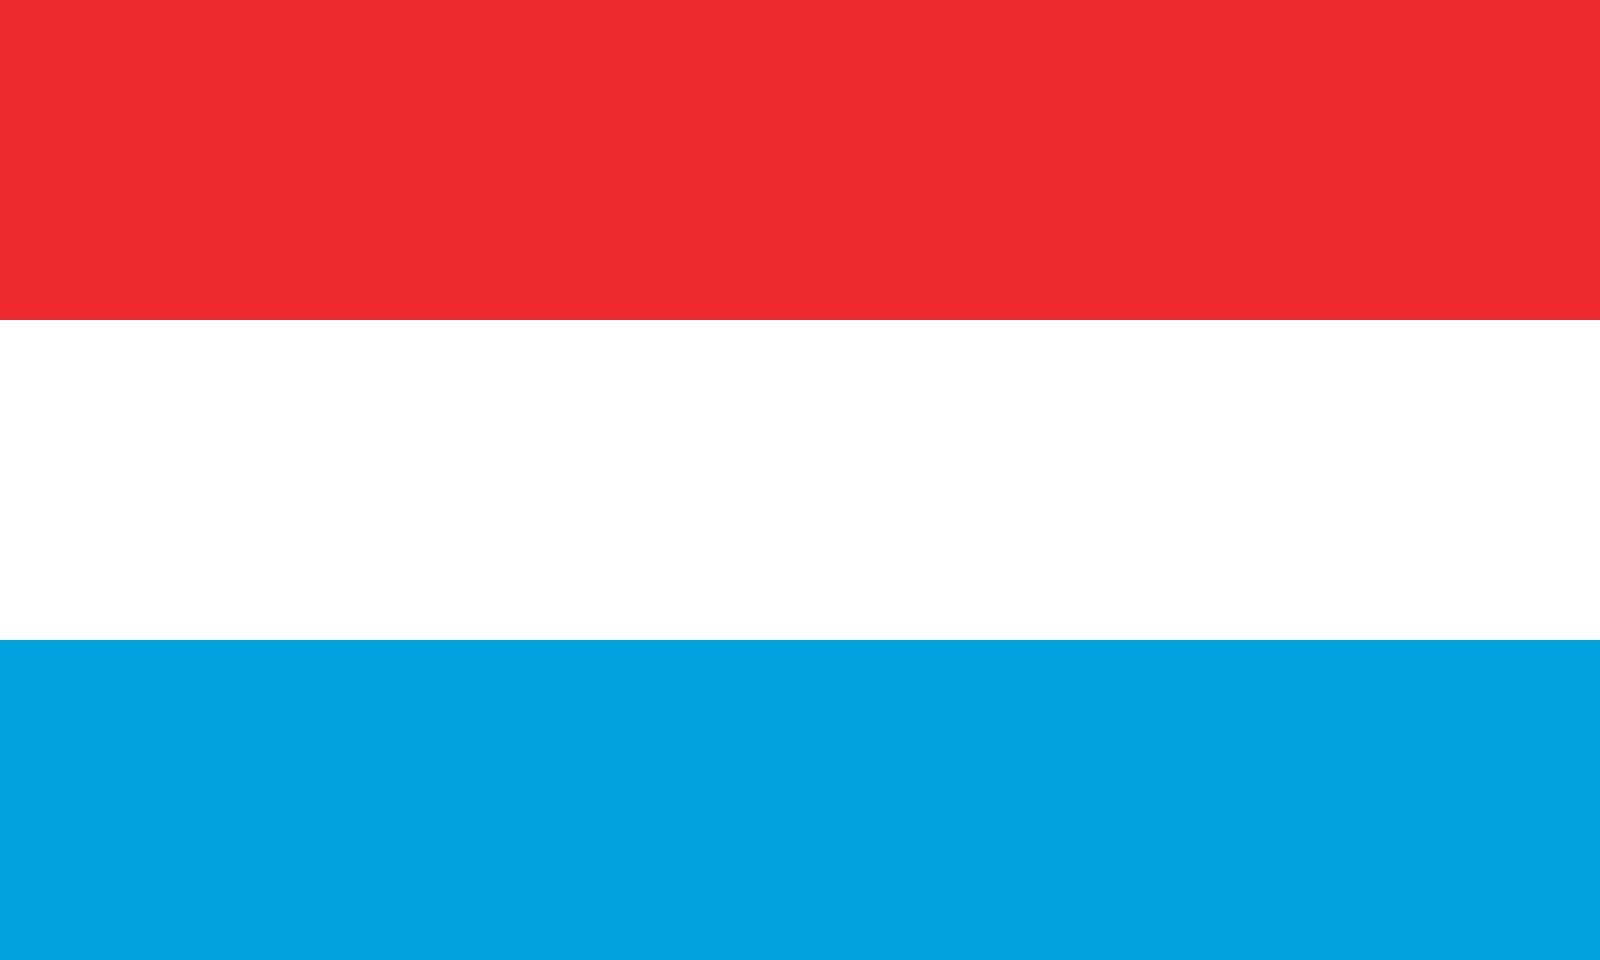 imagenes de banderas hd145 200 Imágenes de Banderas en HD (Wallpapers)